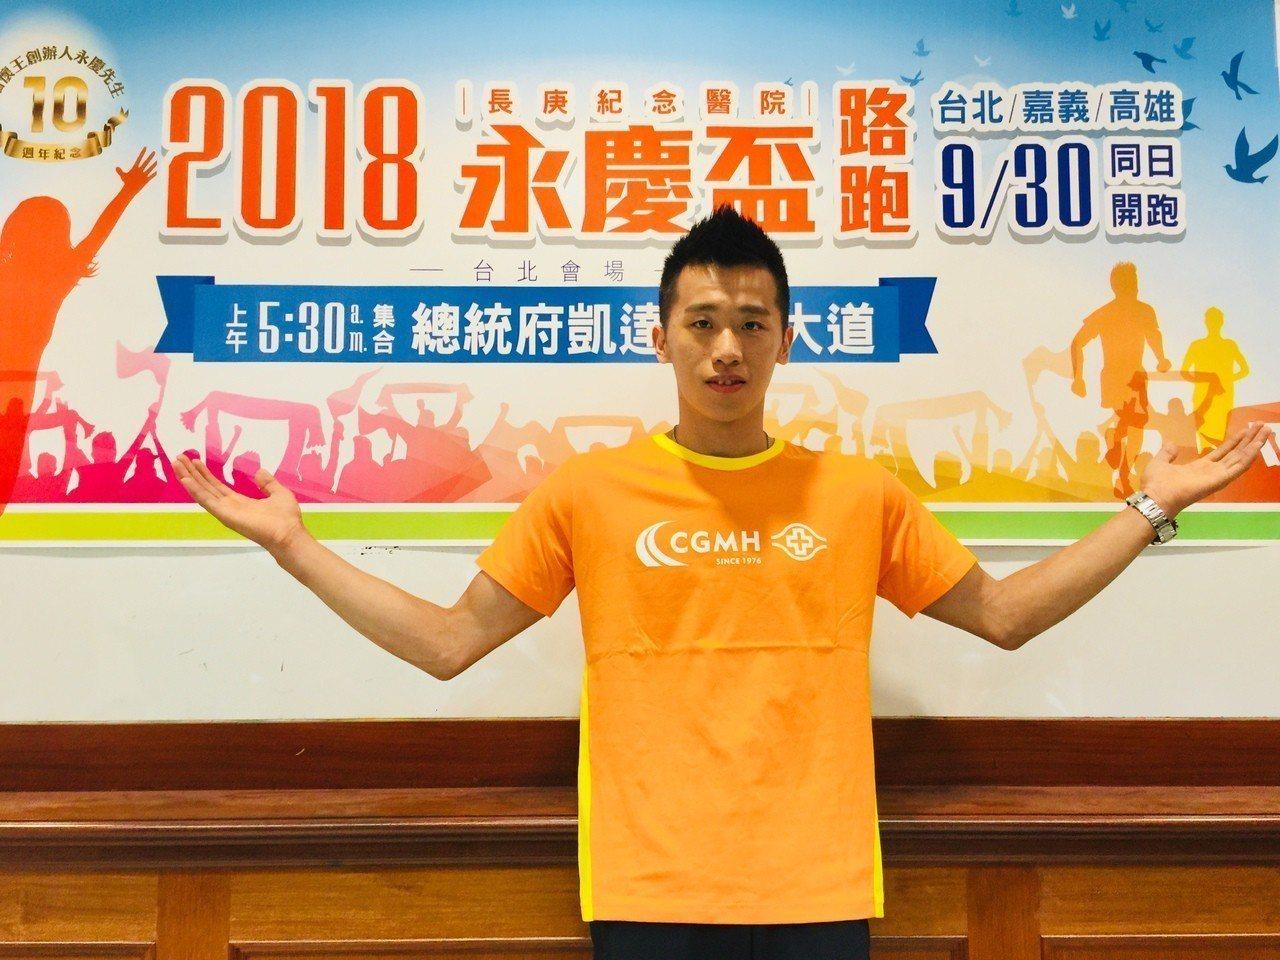 「鞍馬王子」李智凱9月30日將參加永慶路跑,擔任路跑領航員。記者陳雨鑫/攝影